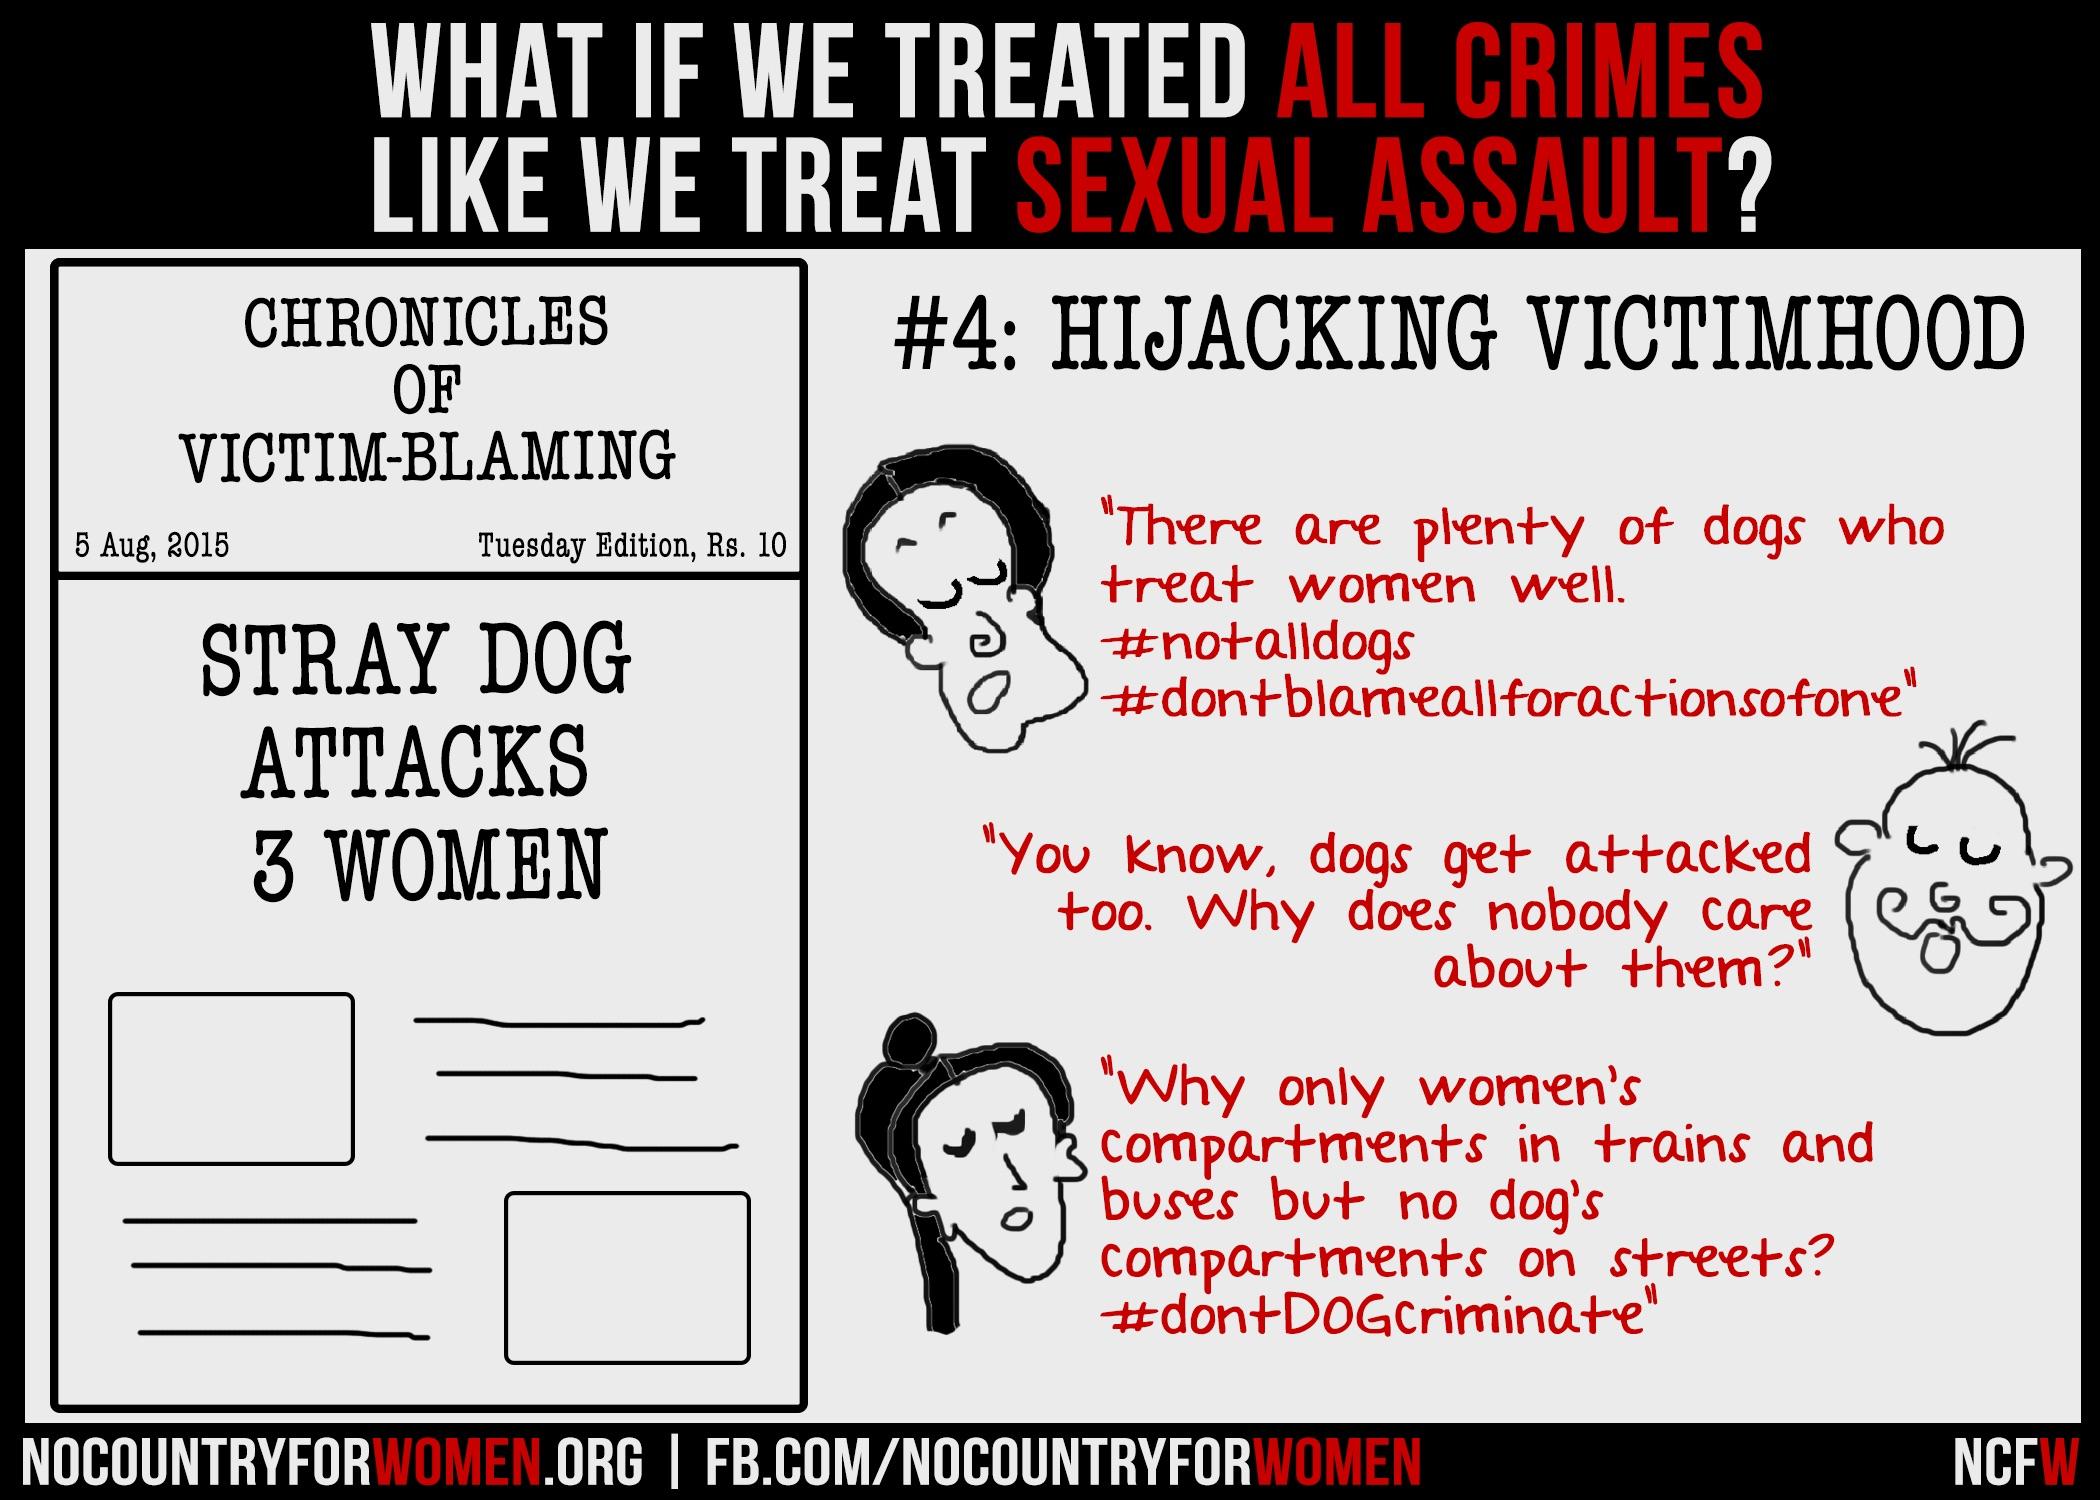 #4 Hijacking Victimhood